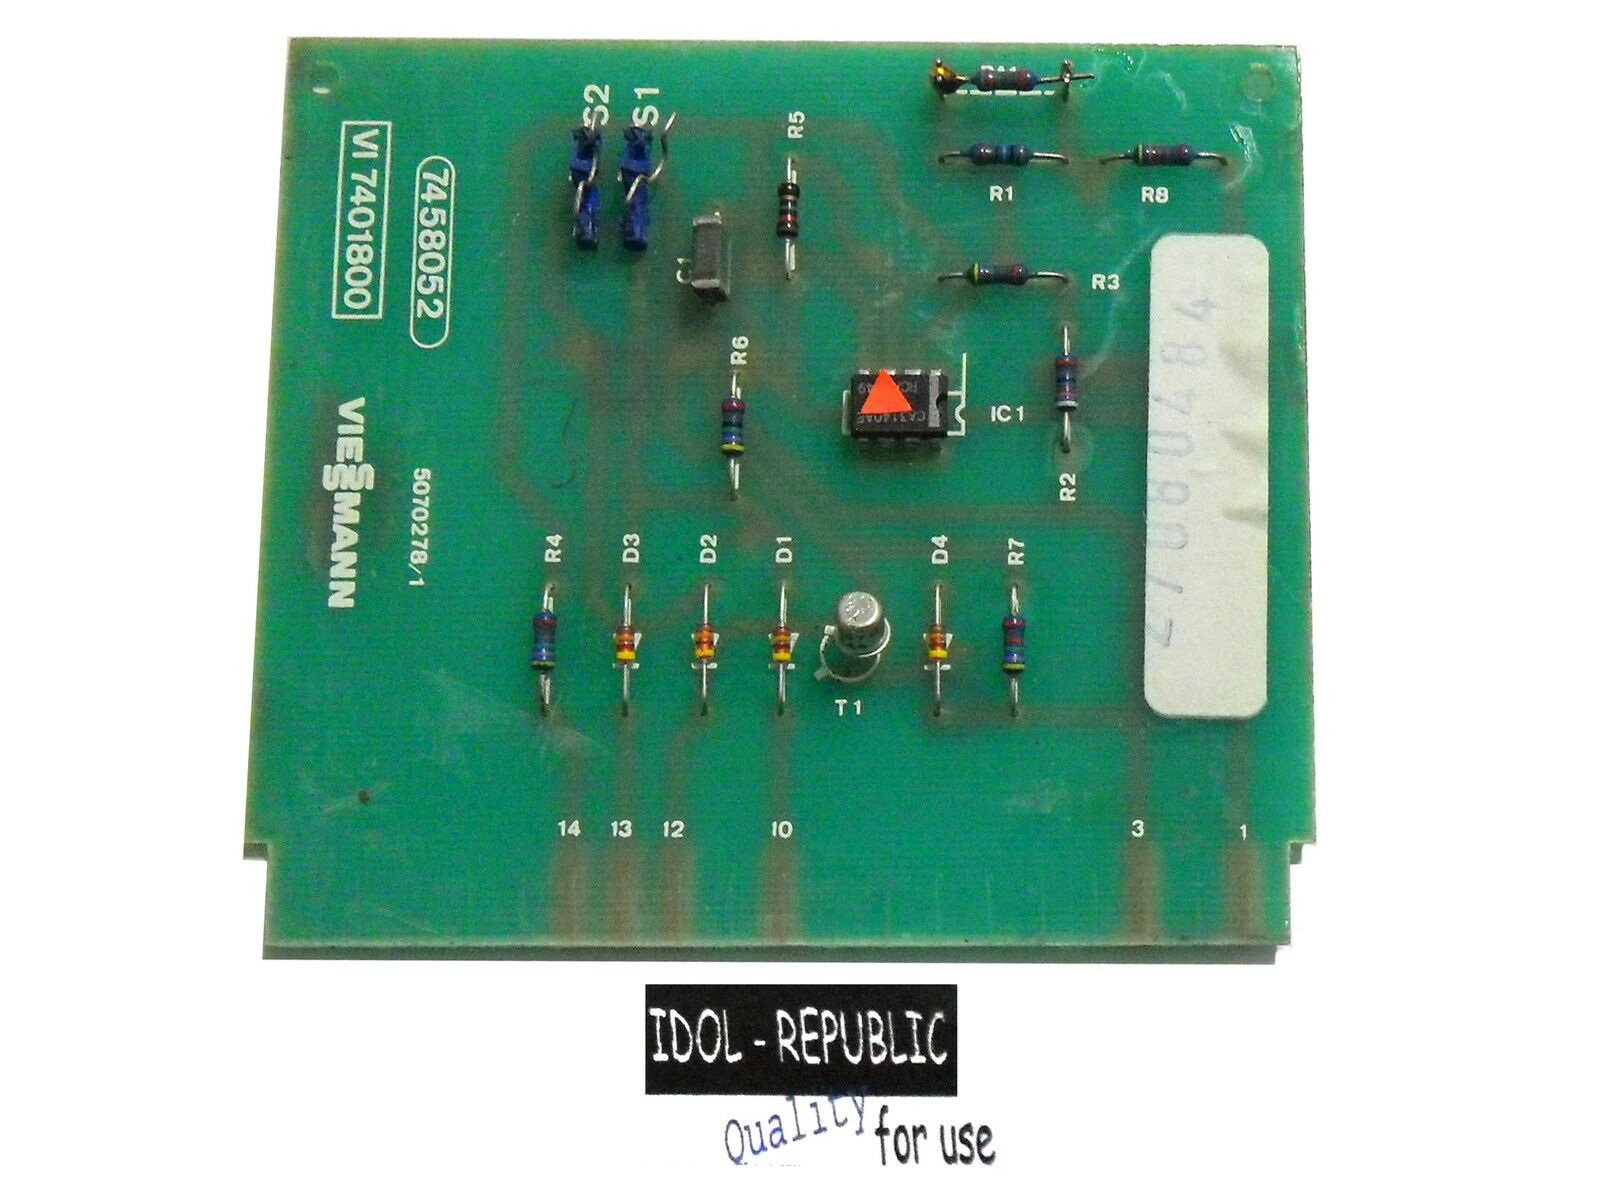 Viessmann - Platine ZKM - Tetramatik - 7401800 - 7458052 - Leiterplatte -